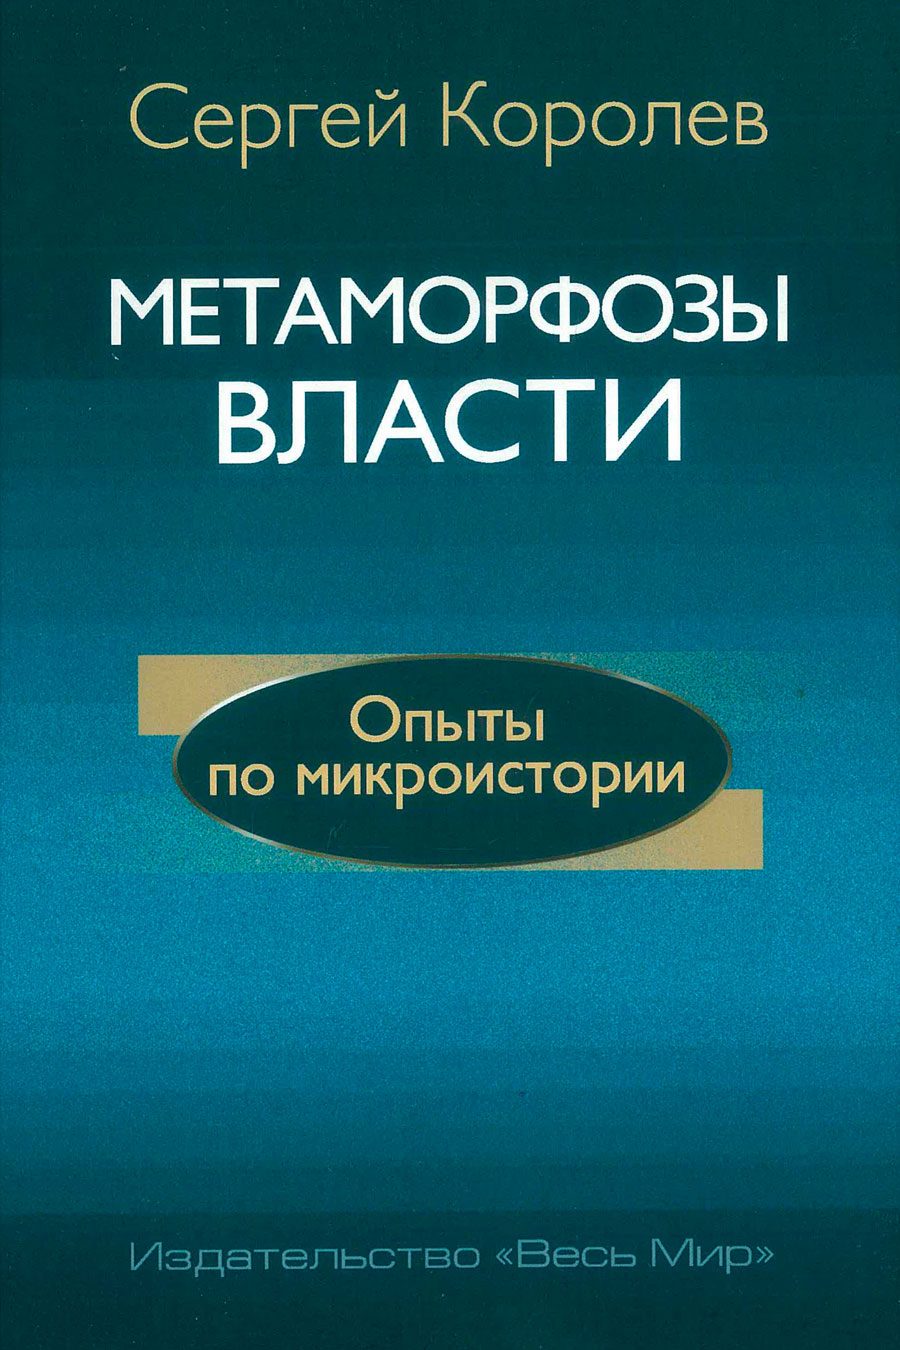 Метаморфозы власти. Опыты по микроистории: философские аспекты